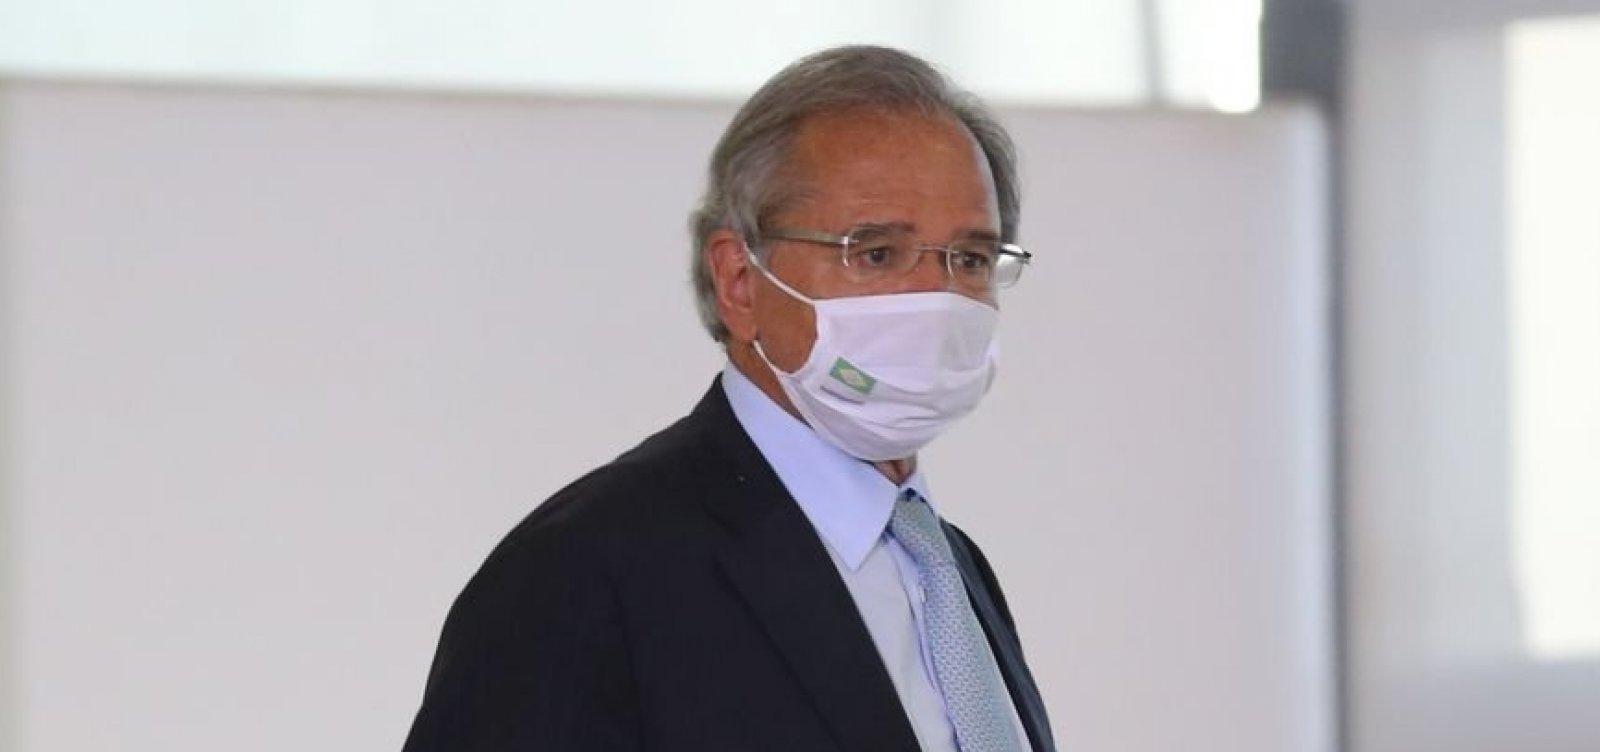 Guedes afirma que o governo pagará mais três meses de auxílio emergencial